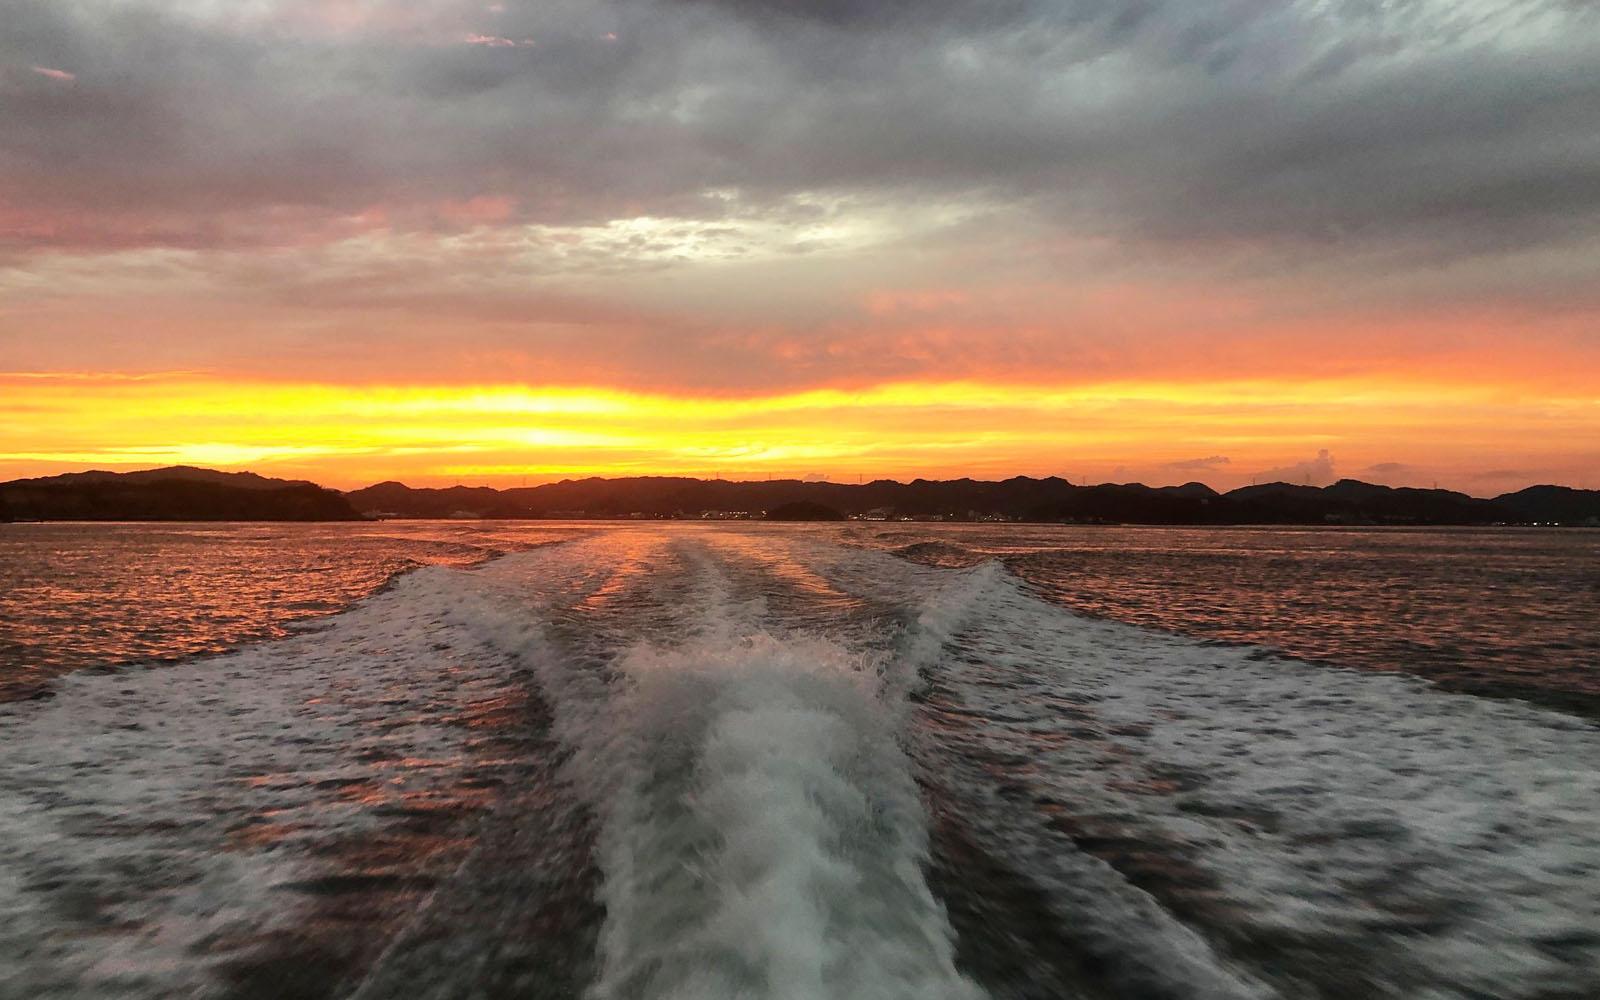 L'isola al tramonto, ammirata dal traghetto.